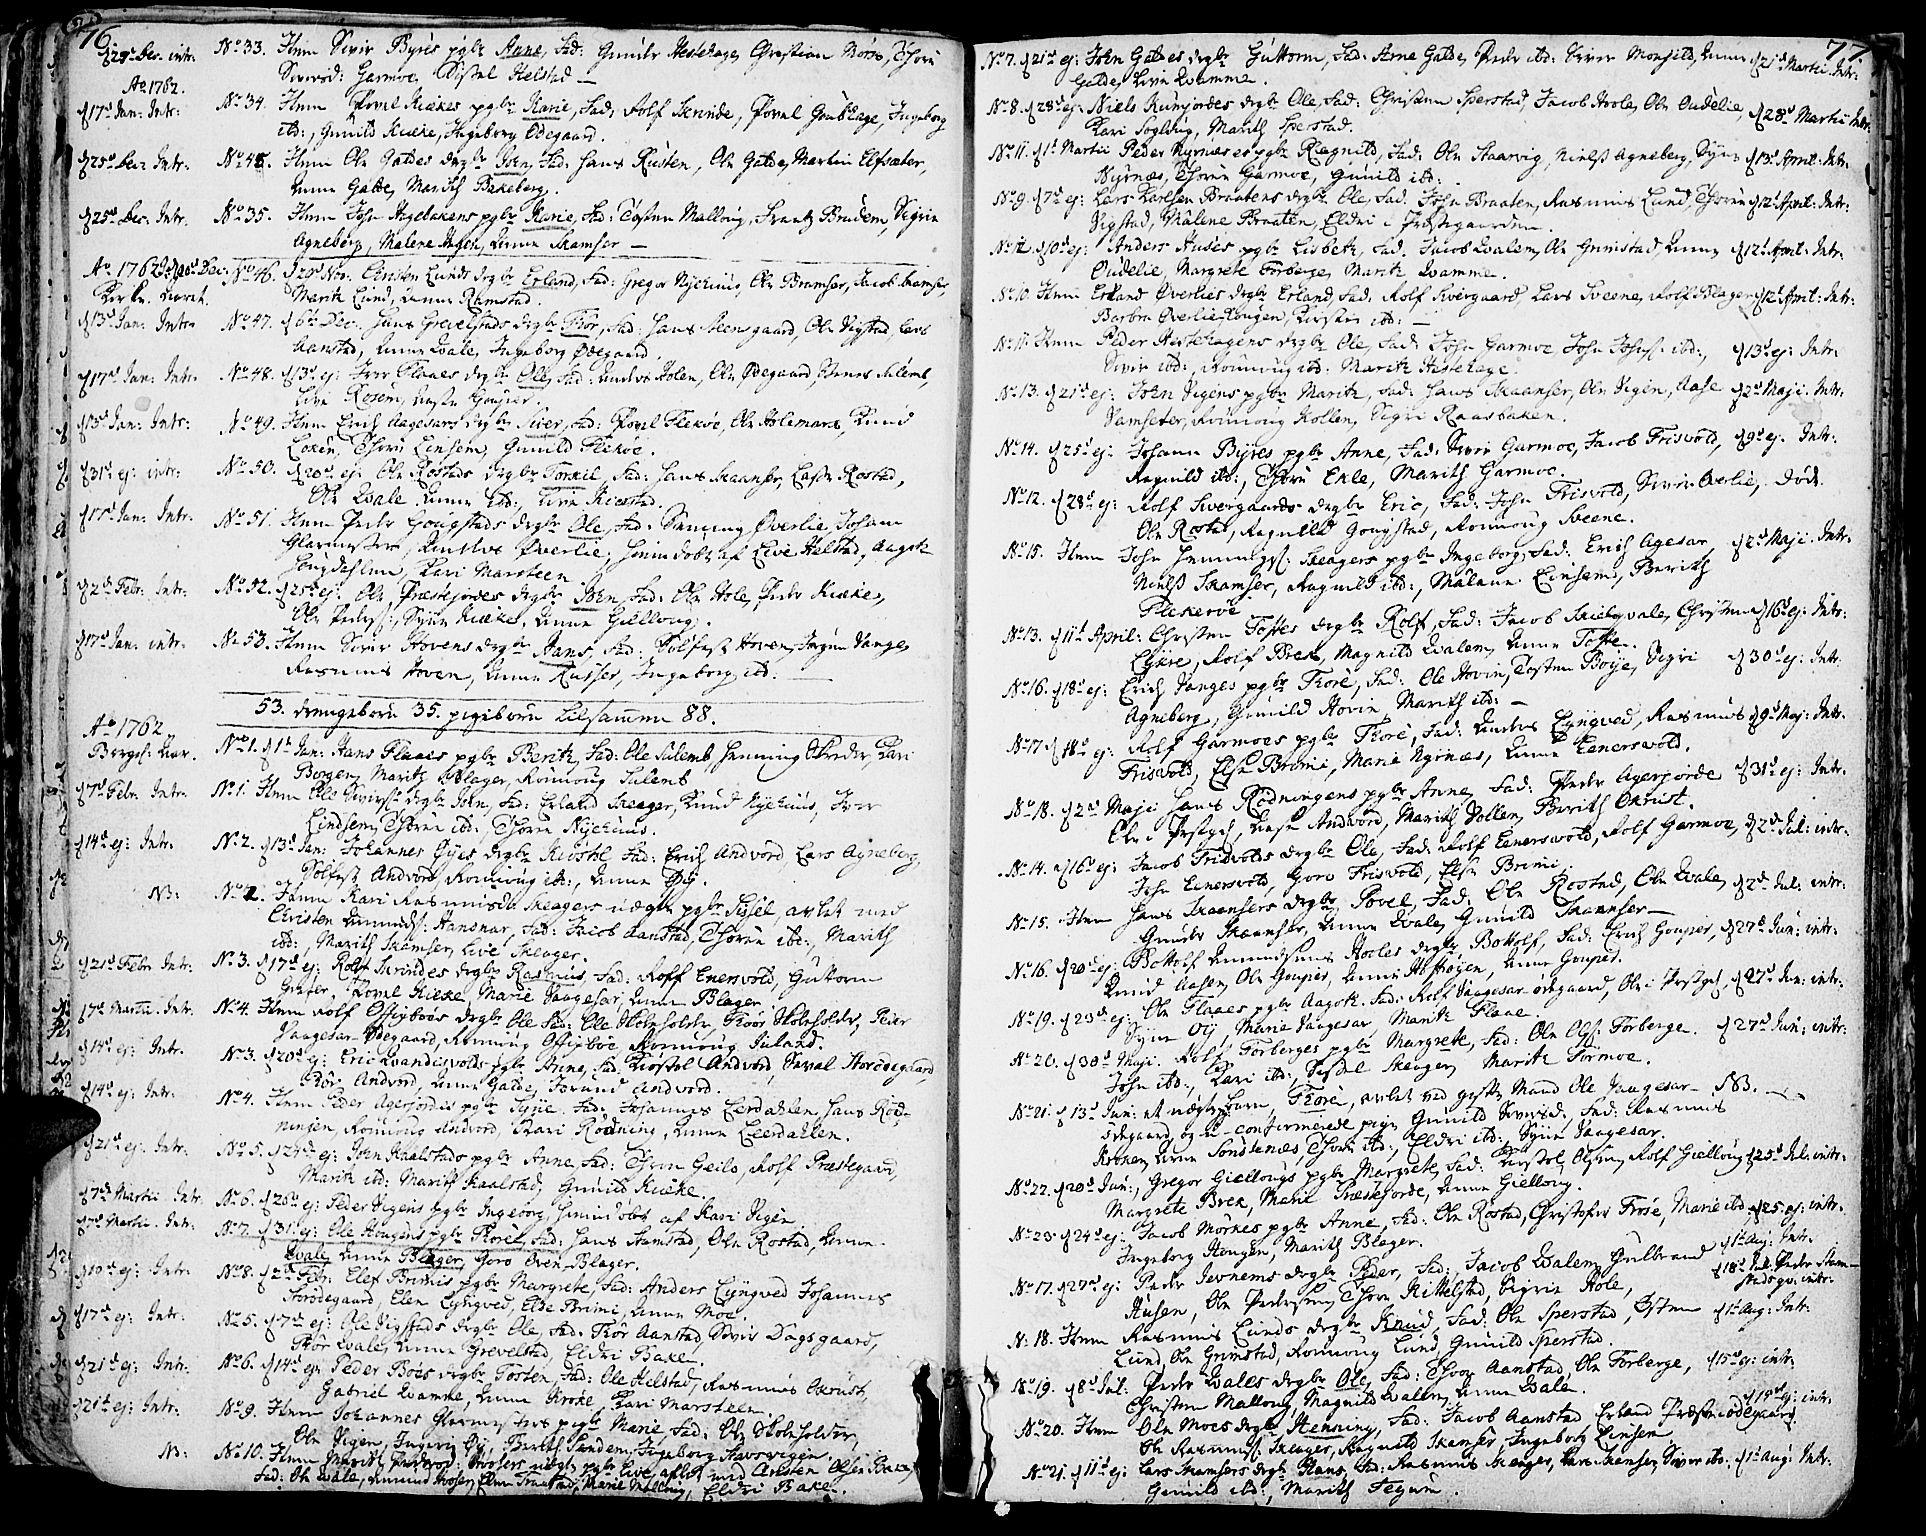 SAH, Lom prestekontor, K/L0002: Ministerialbok nr. 2, 1749-1801, s. 76-77